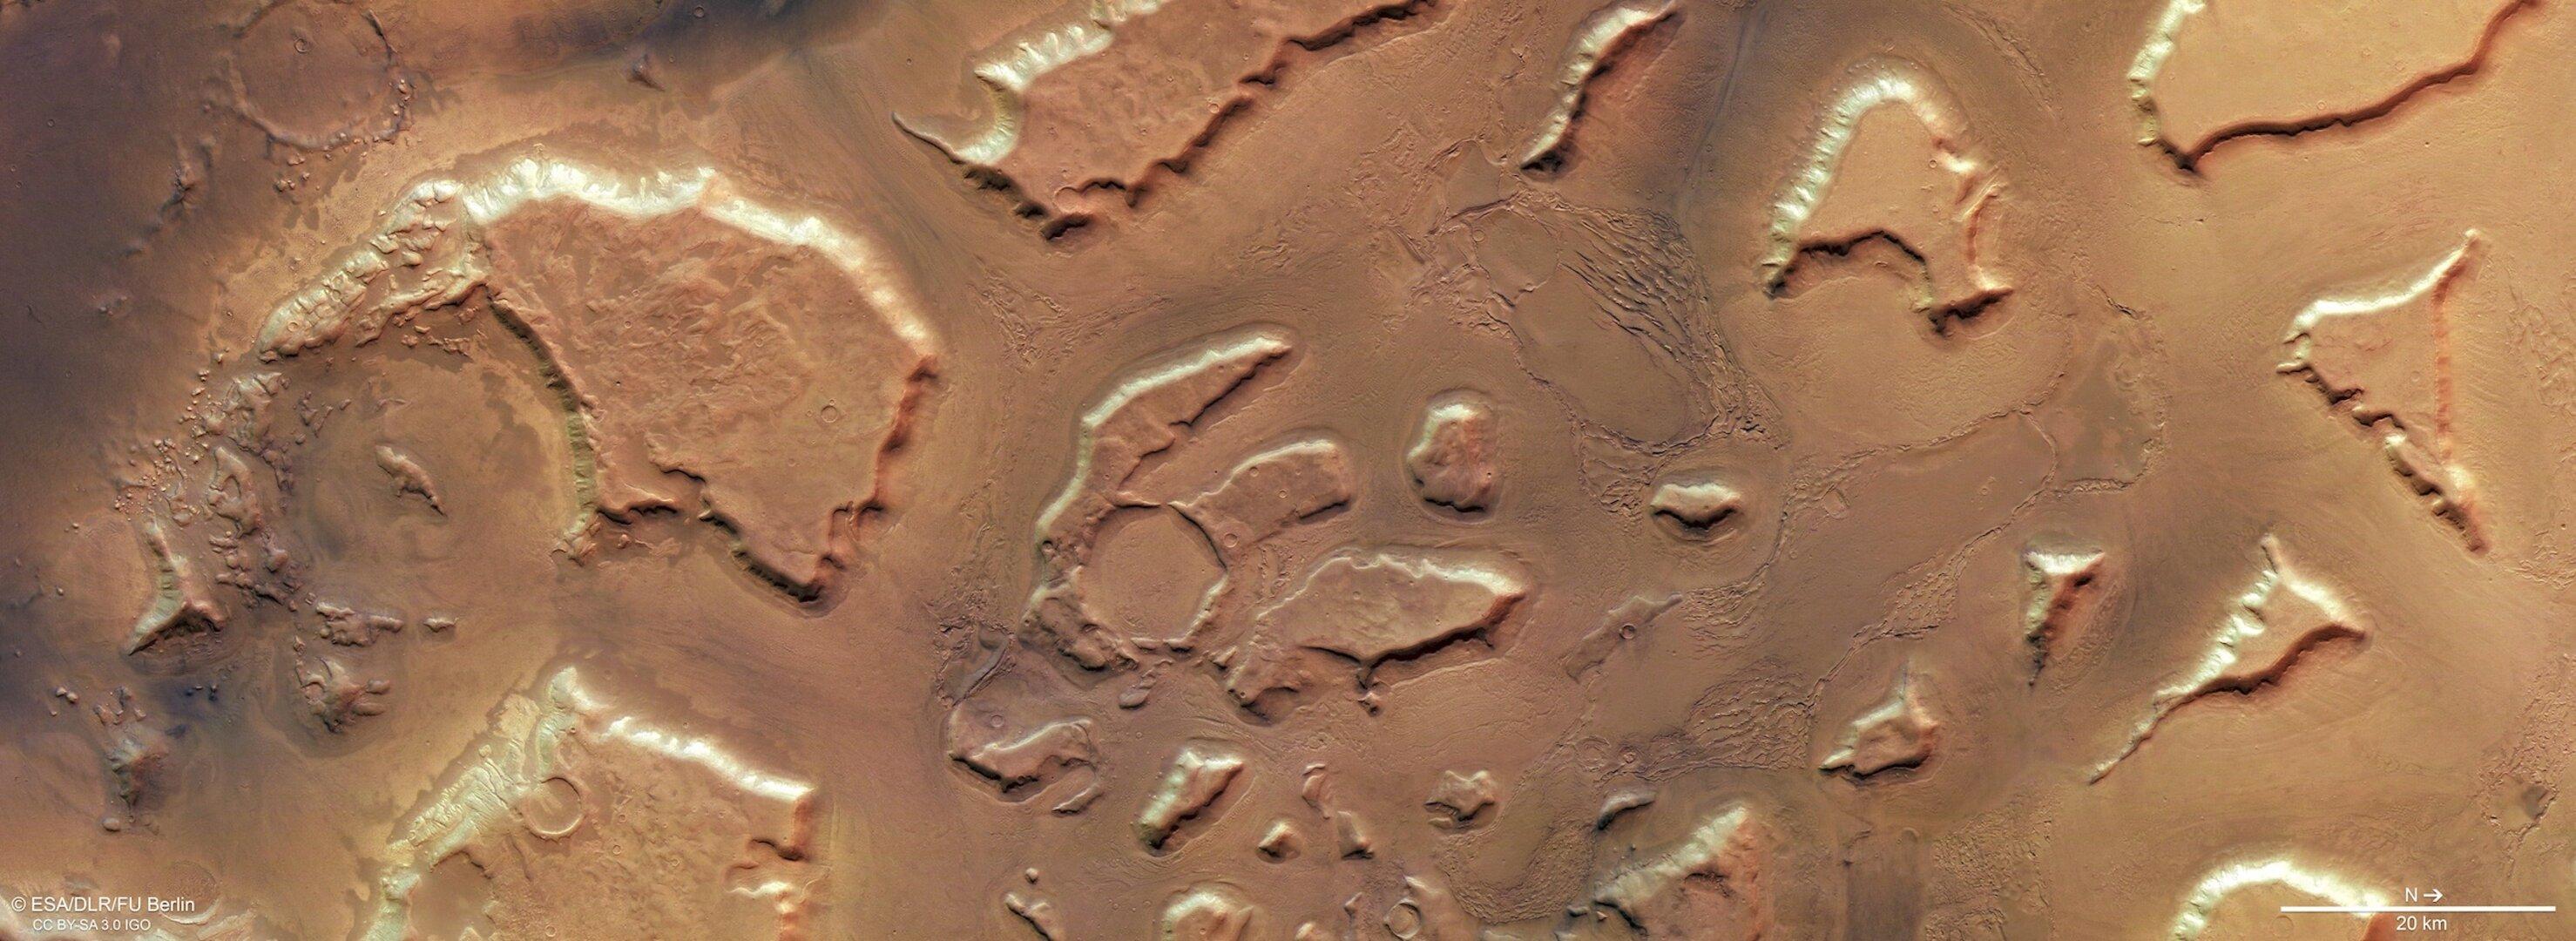 Plan view of Deuteronilus Mensae